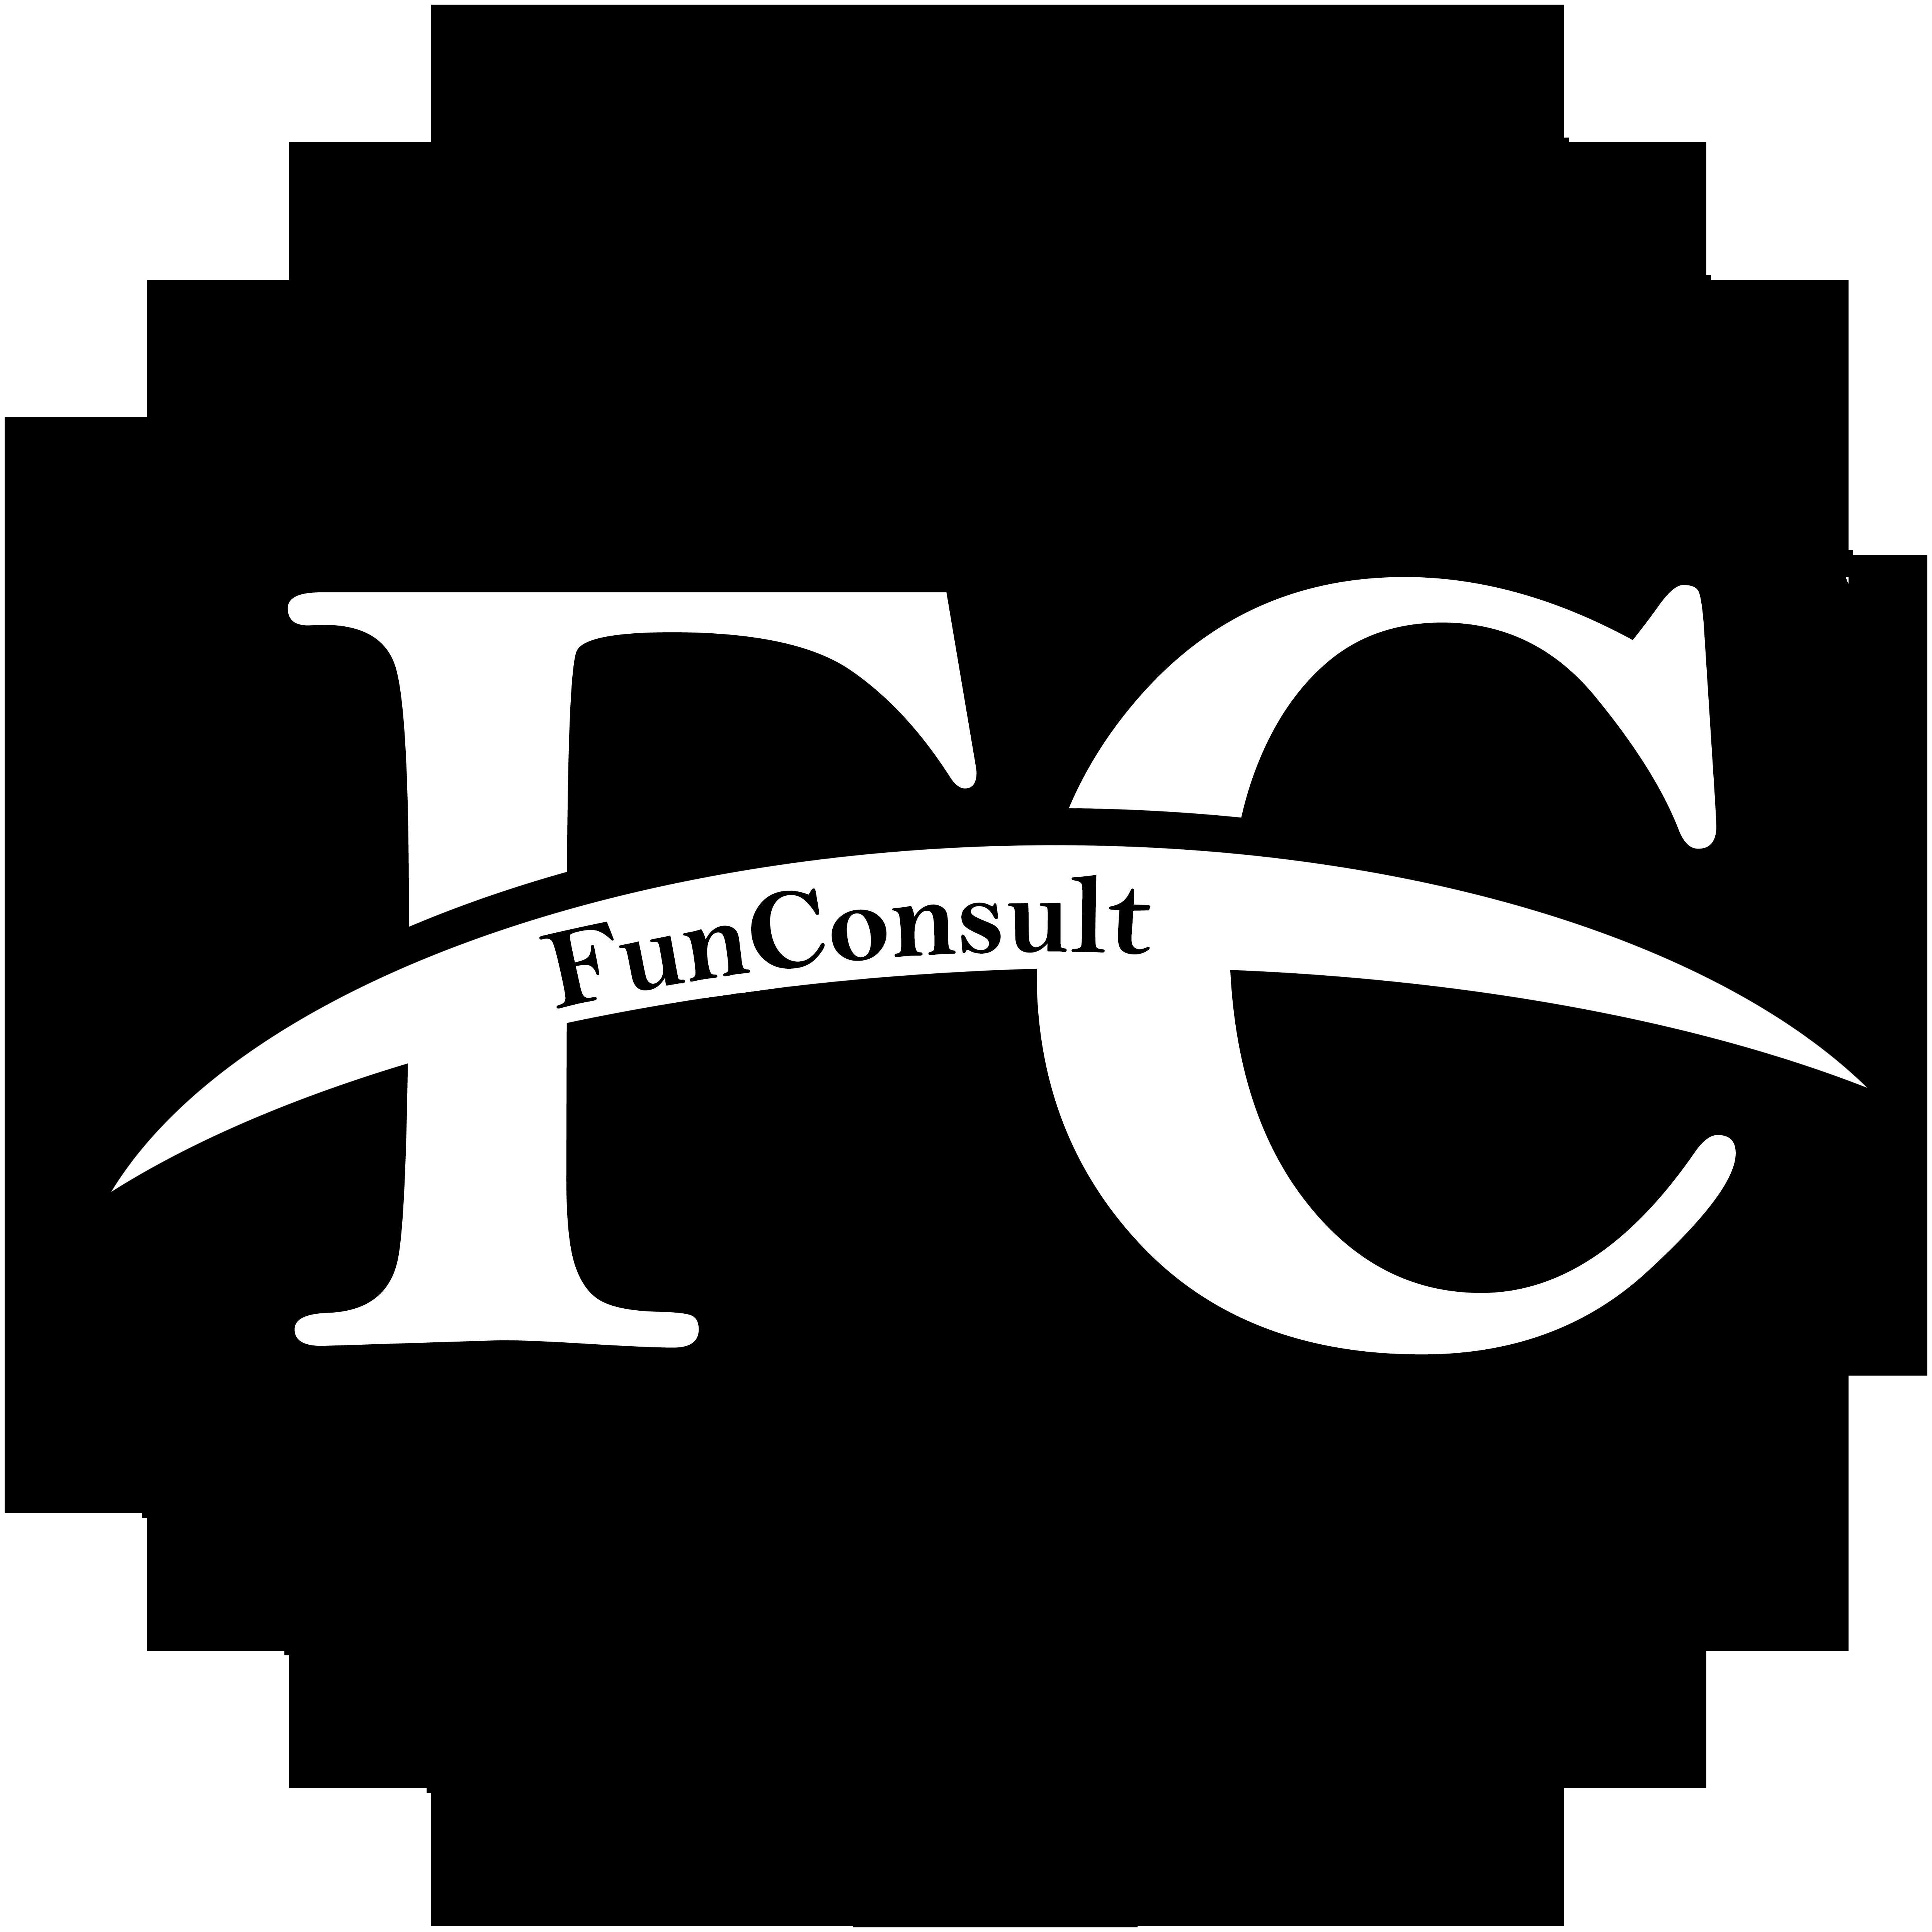 Funconsult